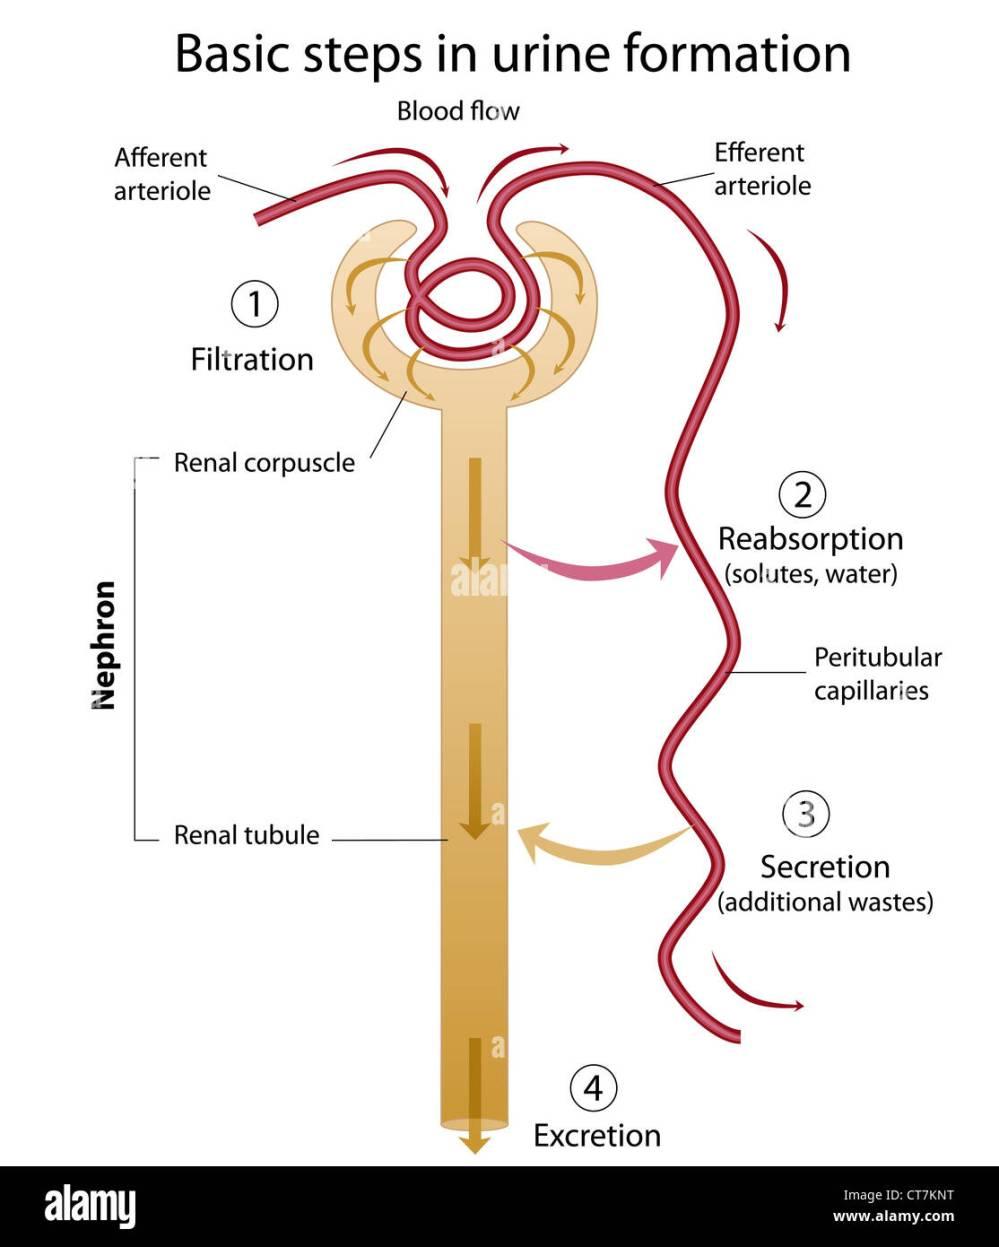 medium resolution of formation of urine